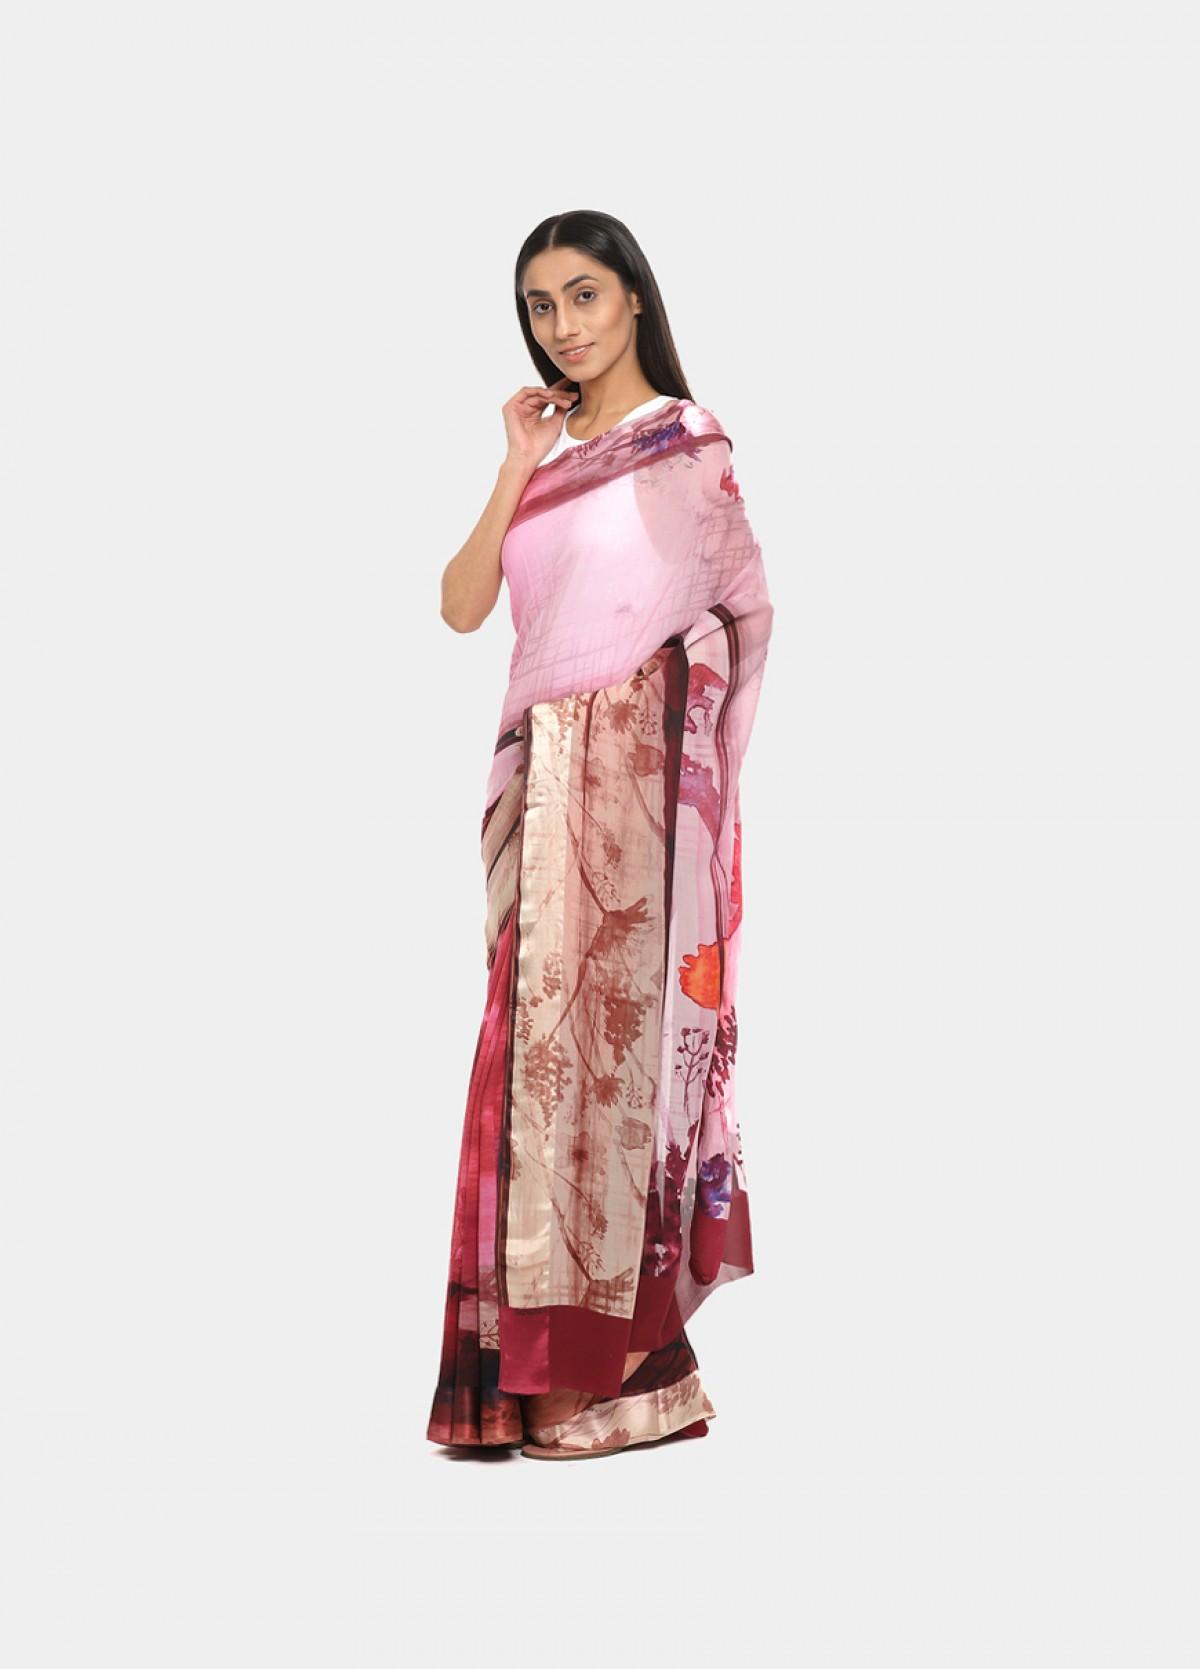 The Silk Georgette Pink Printed Sari